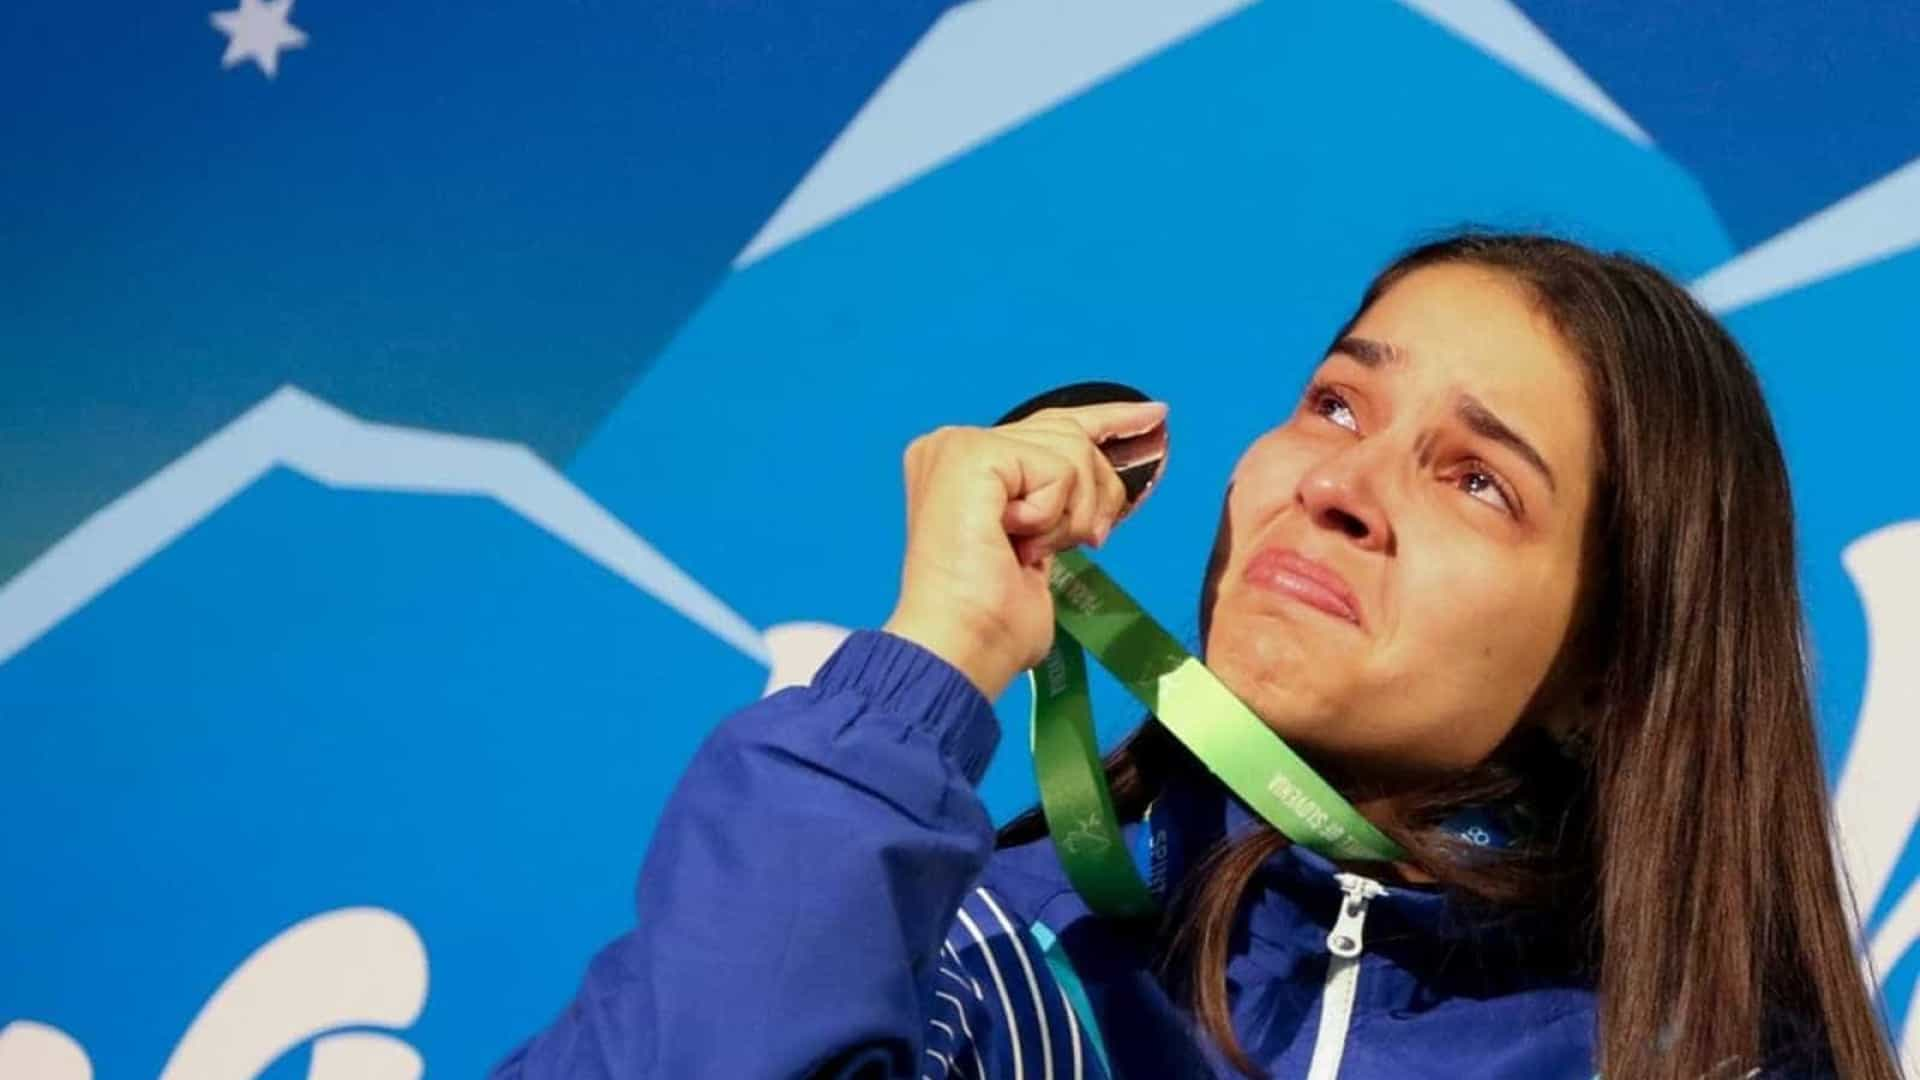 Pai de atleta morre ao saber de conquista inédita da filha em Mundial